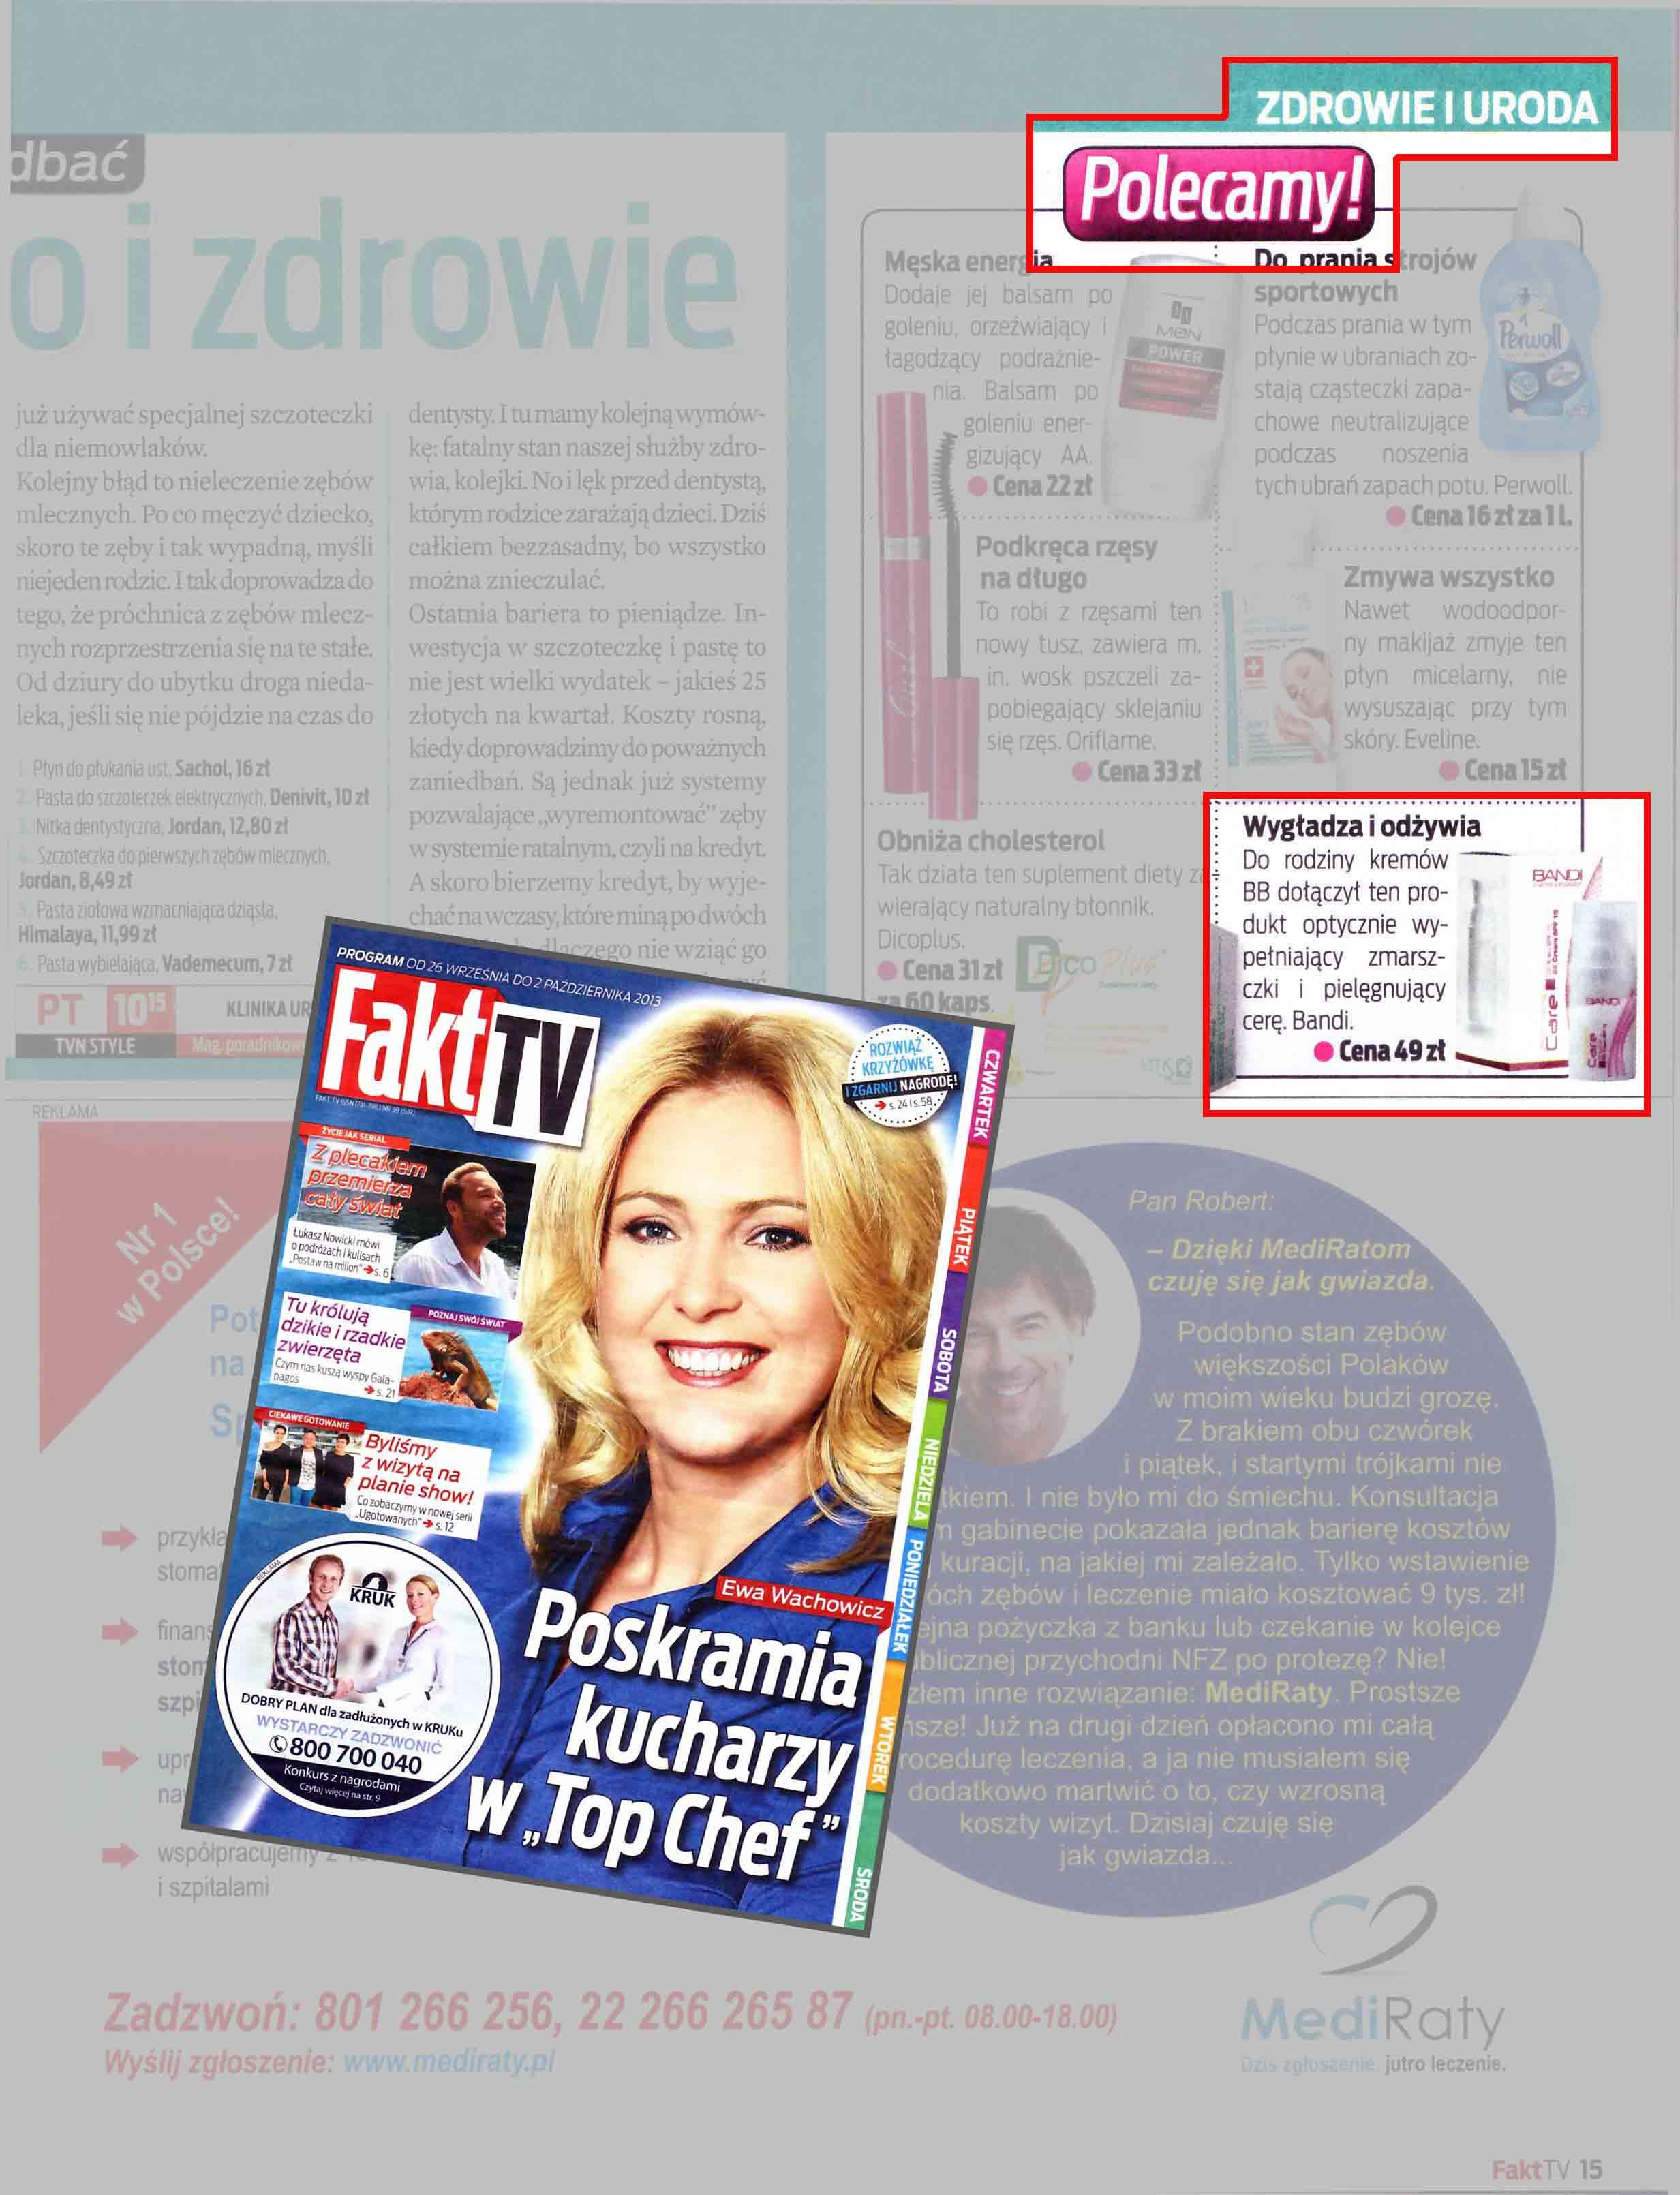 FAKT TV 39